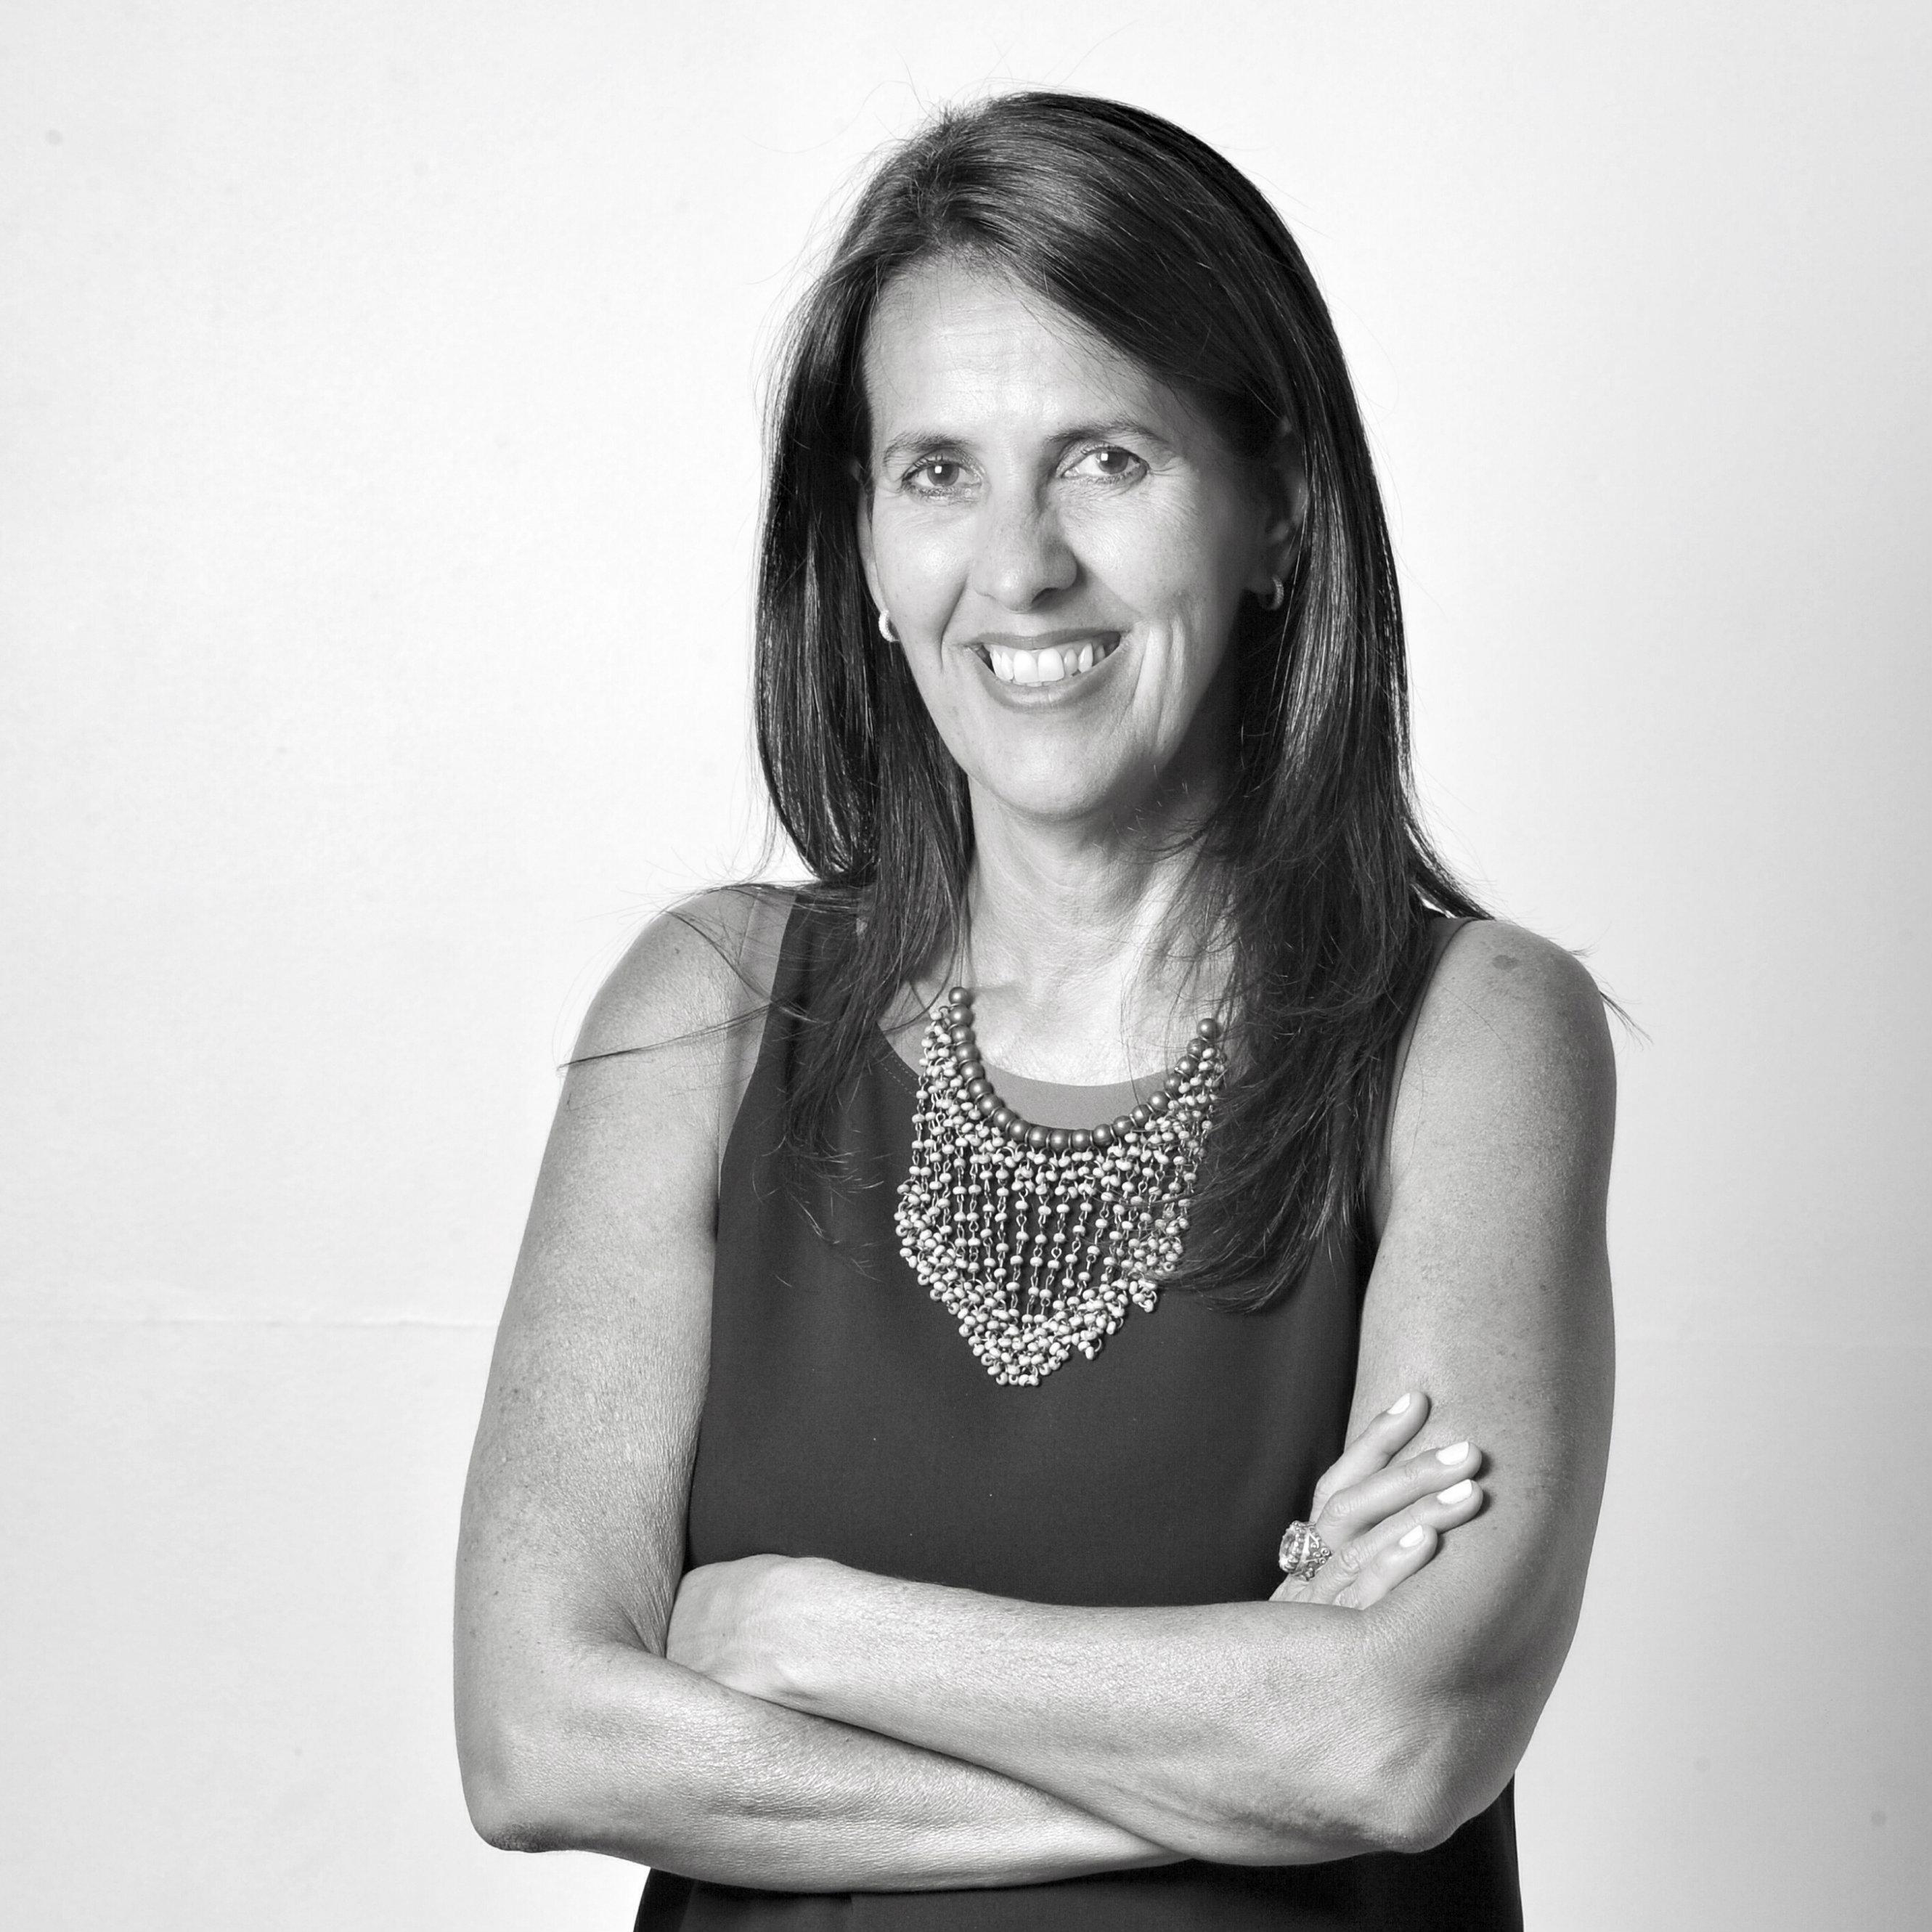 Martha Medeiros analisará a obra de Caio Fernando Abreu na sessão de maio do Letra em Cena on-line. Foto: Revista Versar